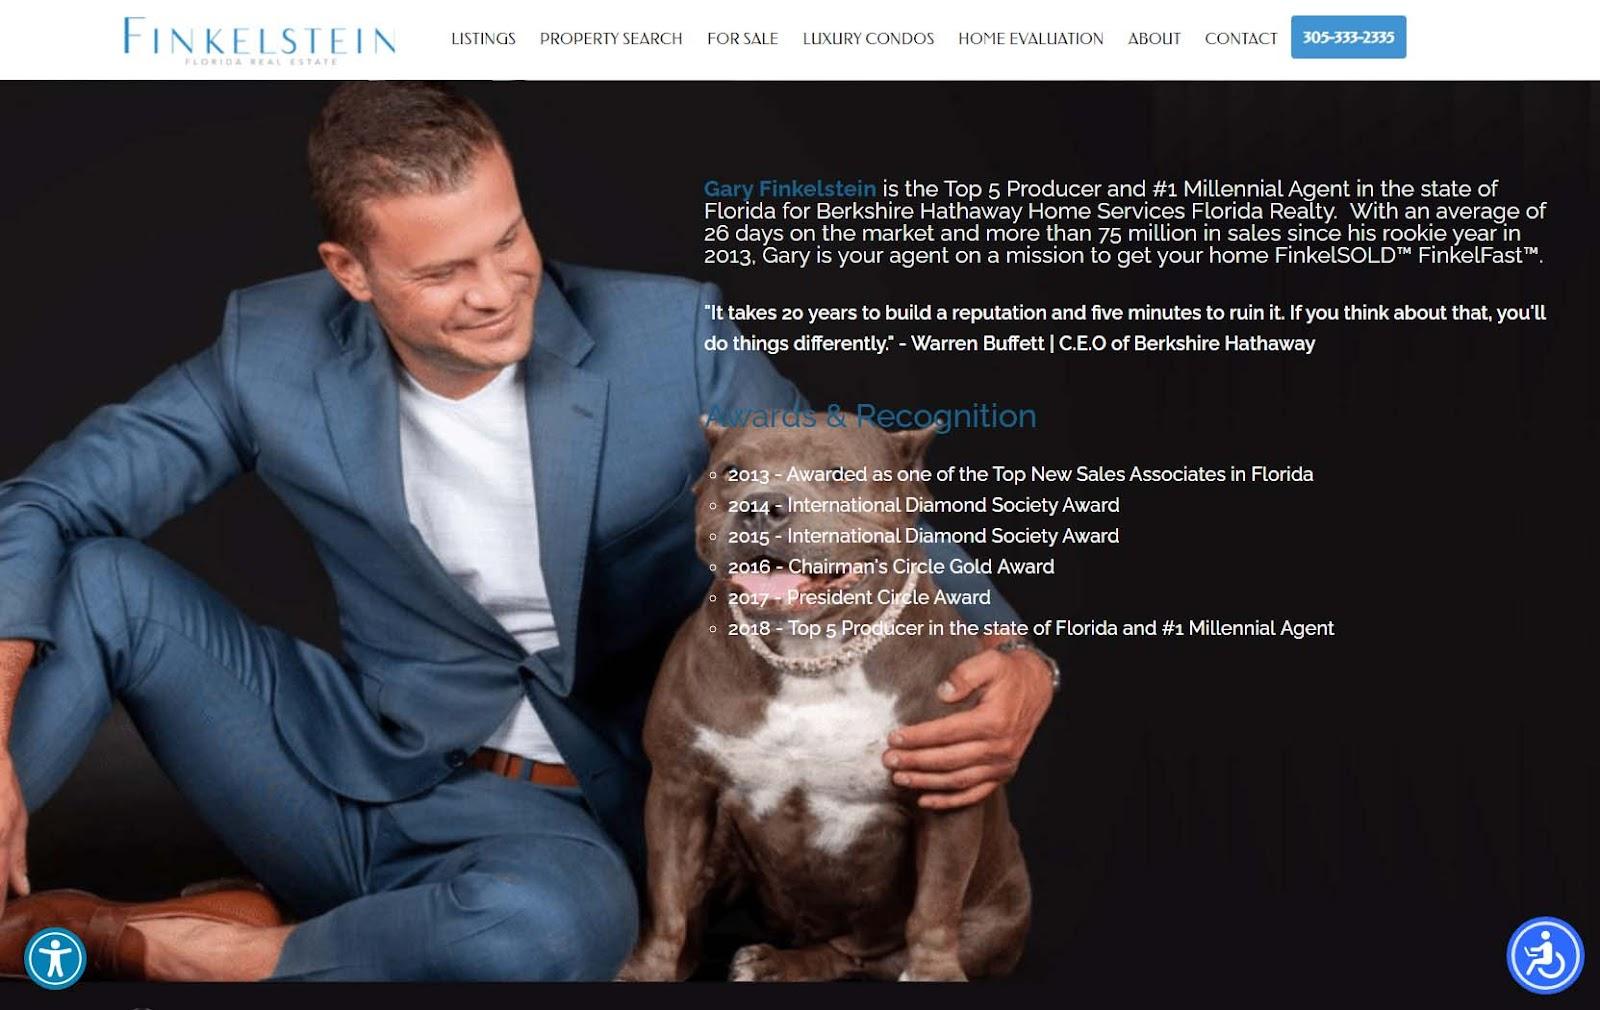 Gary Finkelstein sitting with his arm around his Rottweiler's shoulder.